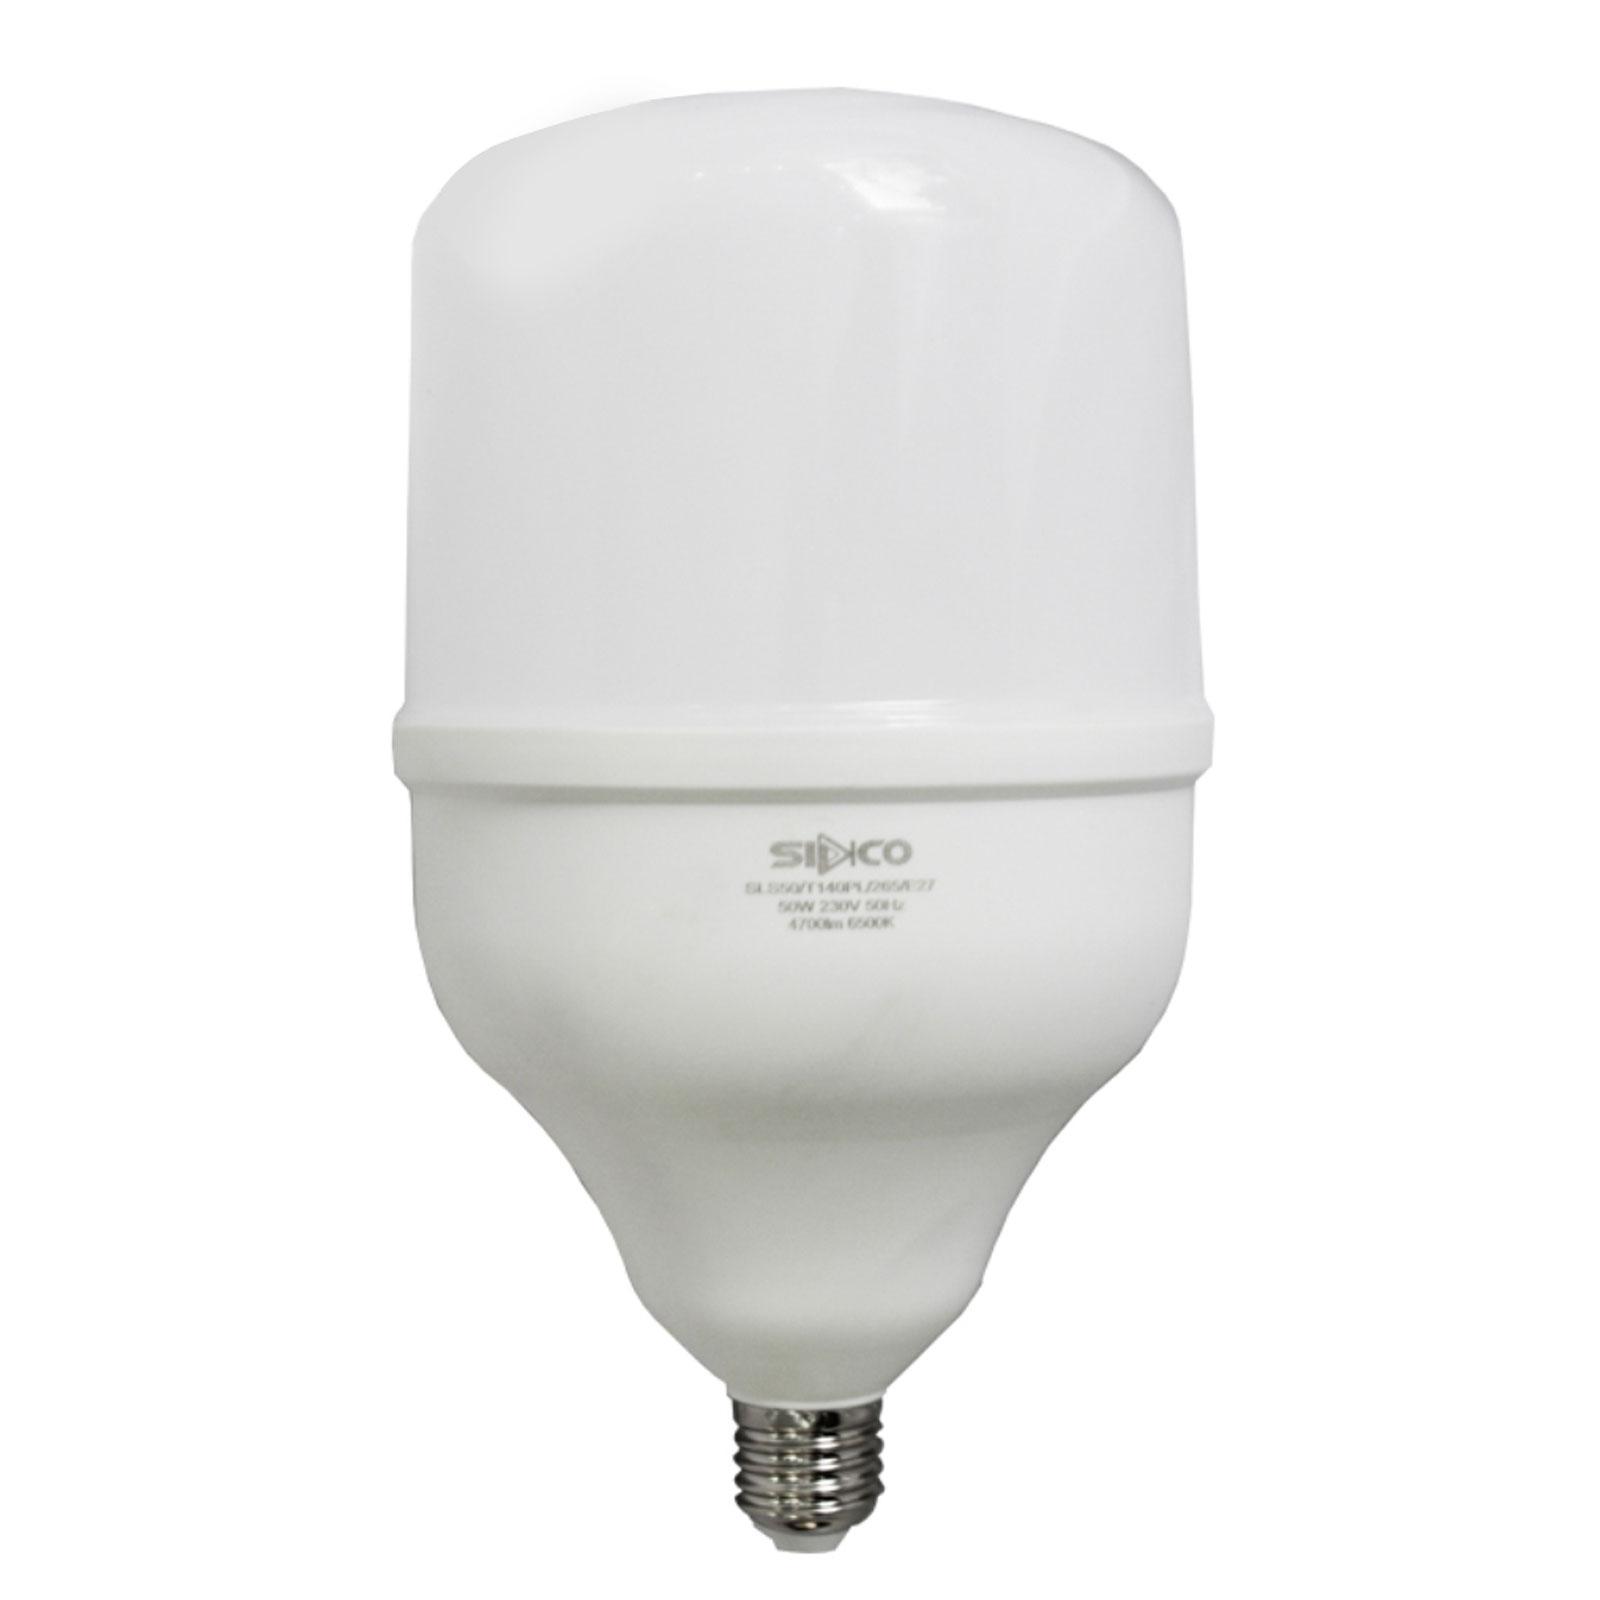 لامپ ال ای دی استوانه ای 50 وات سیدکو